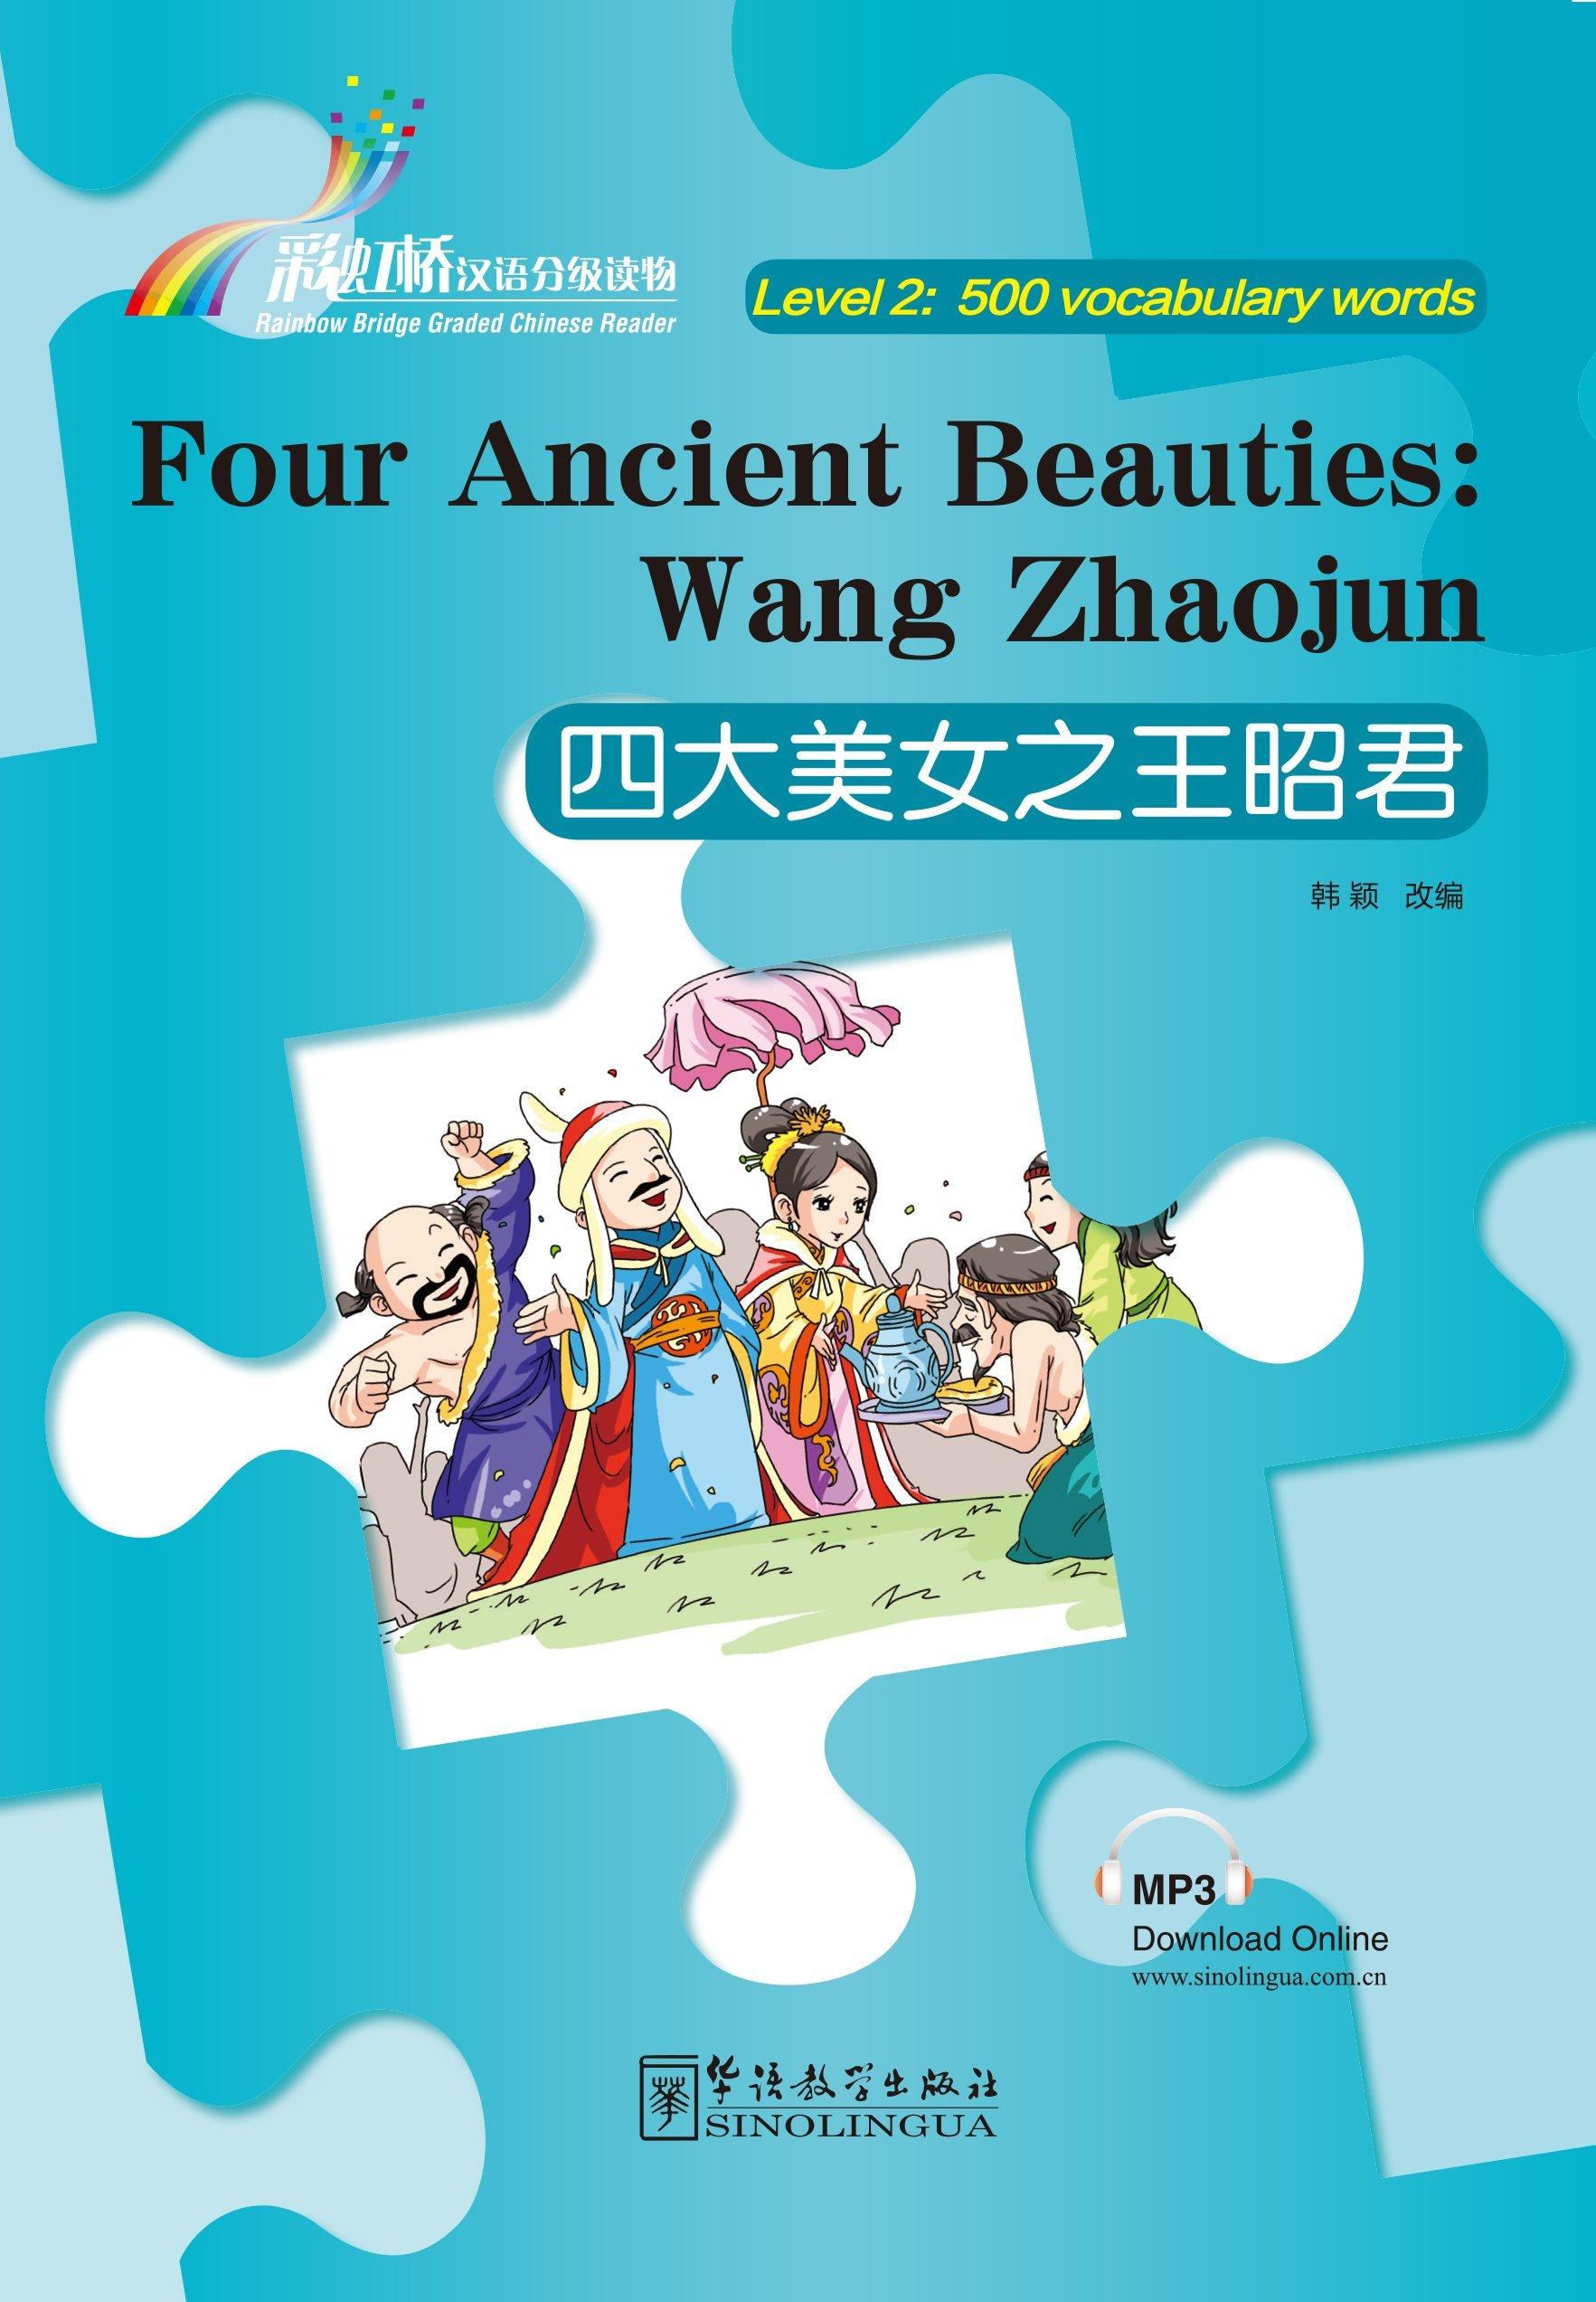 Rainbow Bridge Graded Chinese Reader: Four Ancient Beauties: Wang Zhaojun